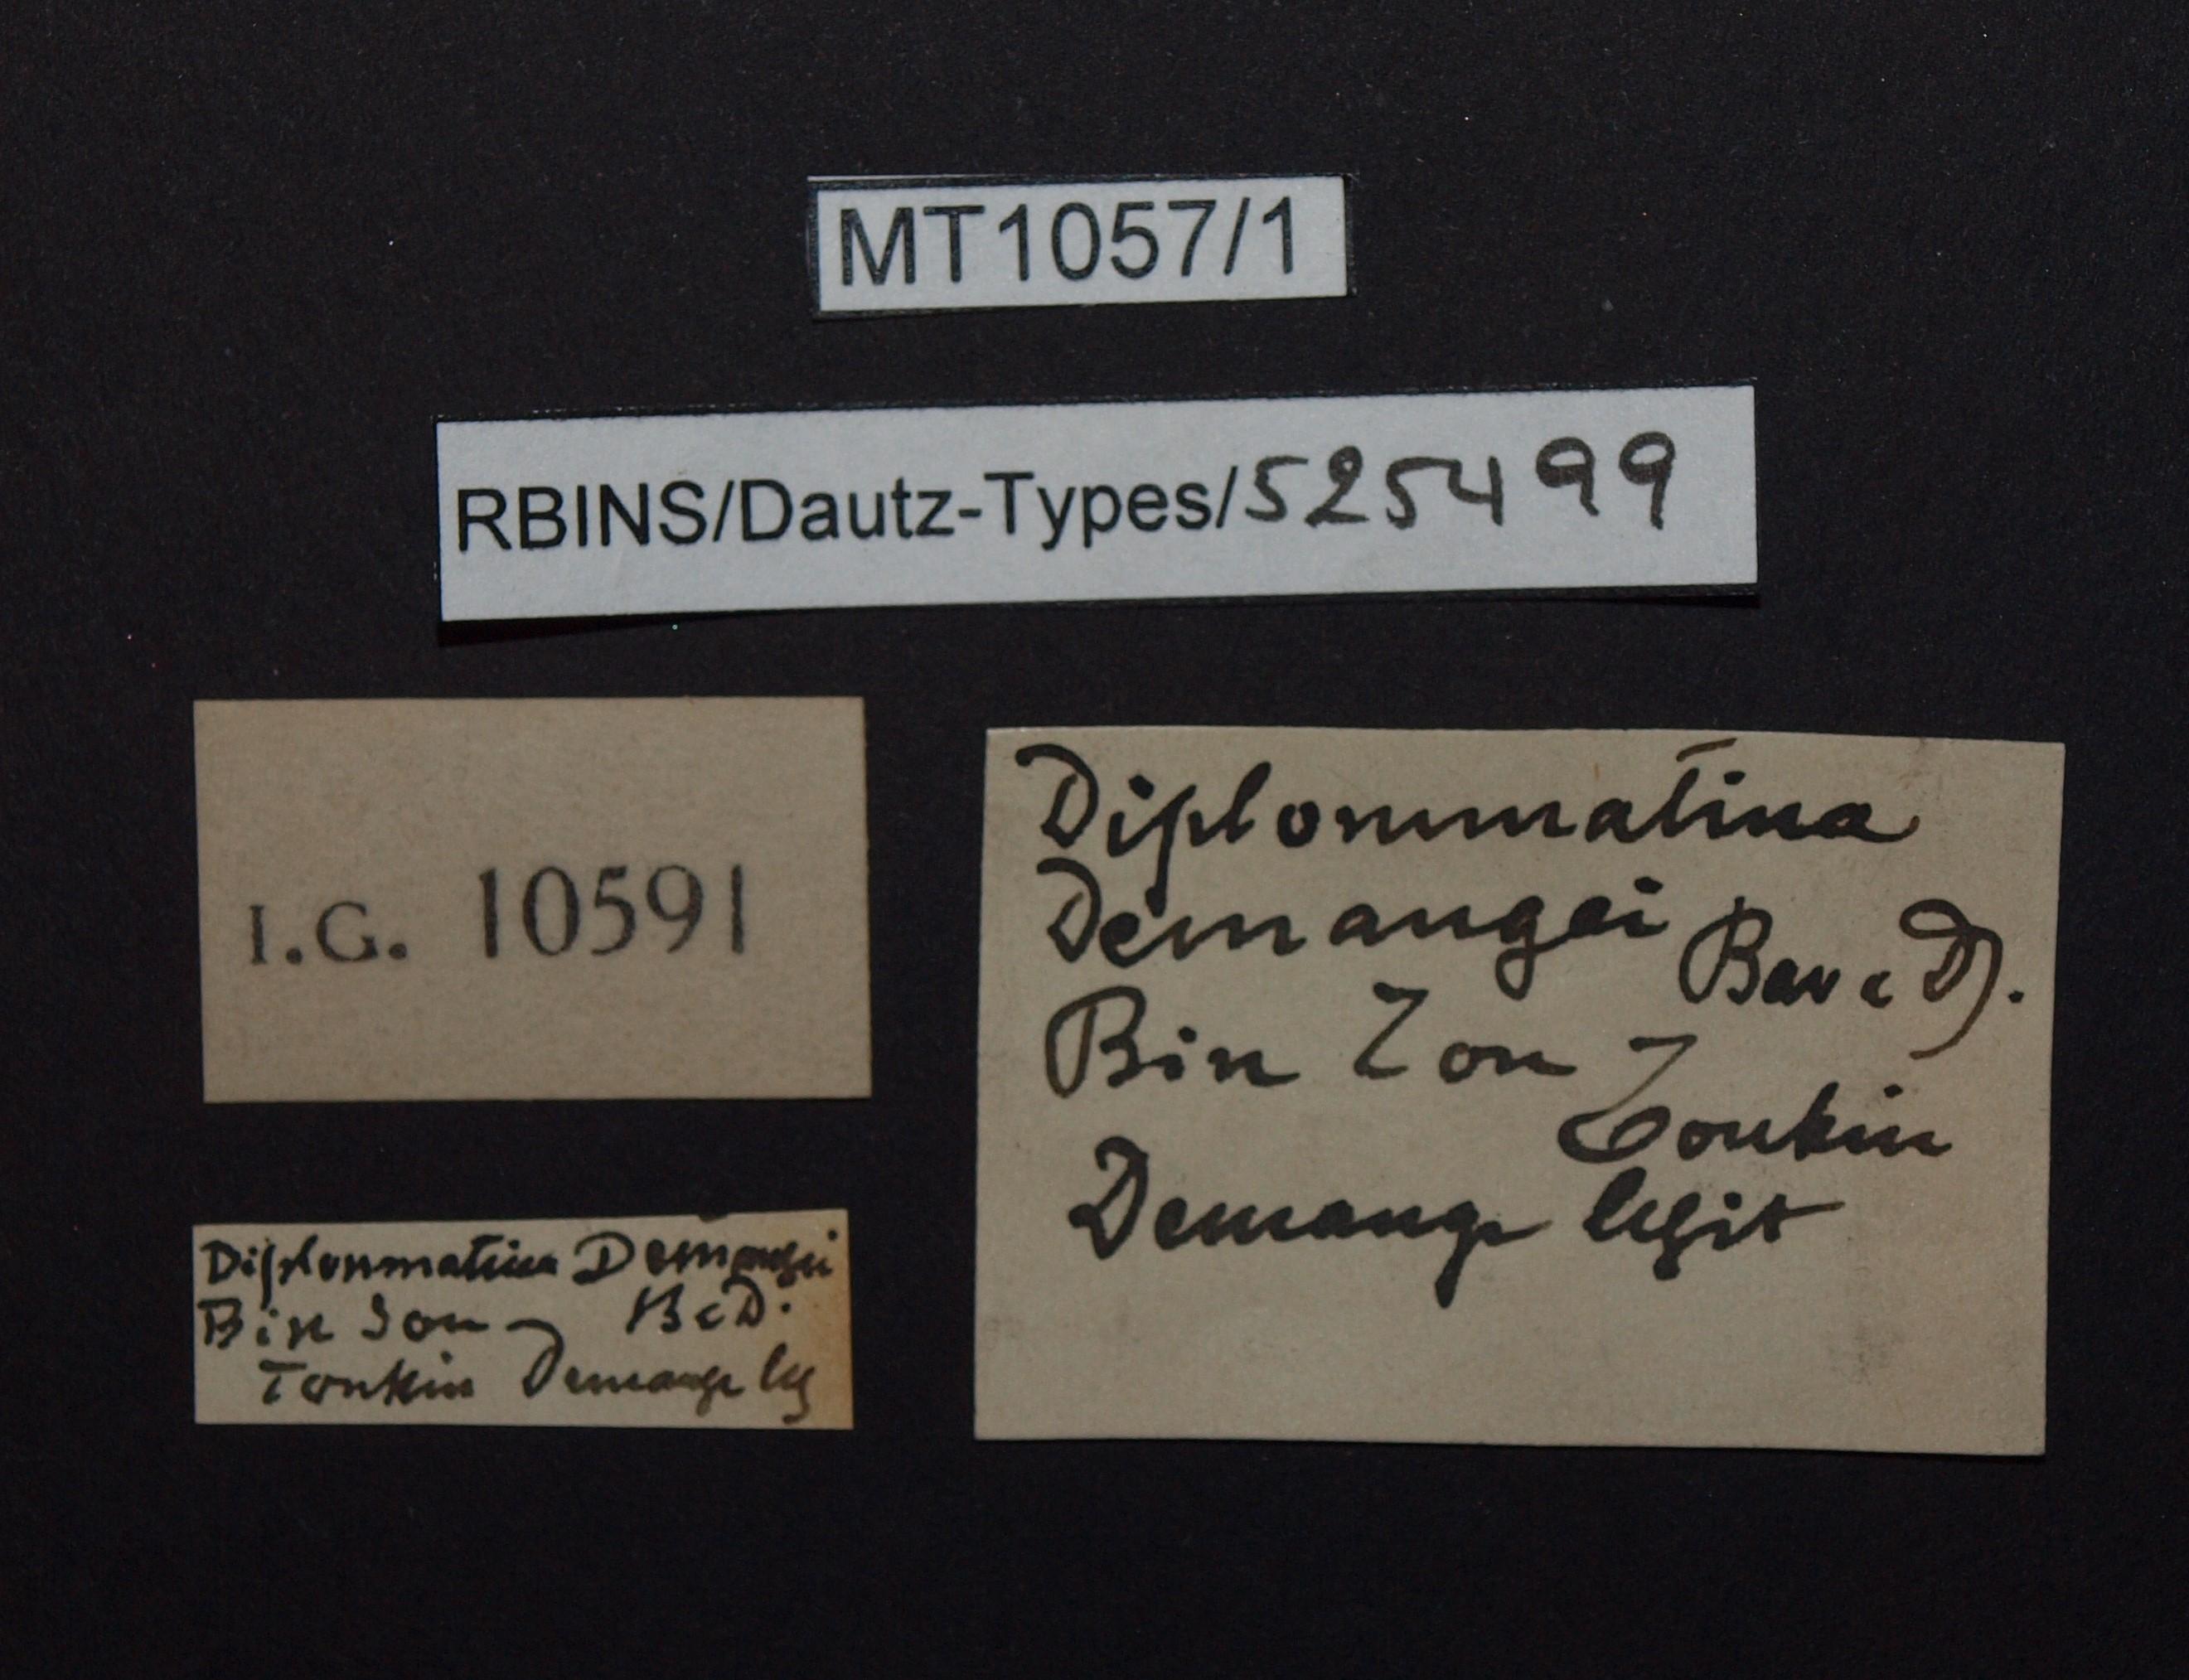 BE-RBINS-INV MT.1057/1 Diplommatina demangei pt Lb.jpg